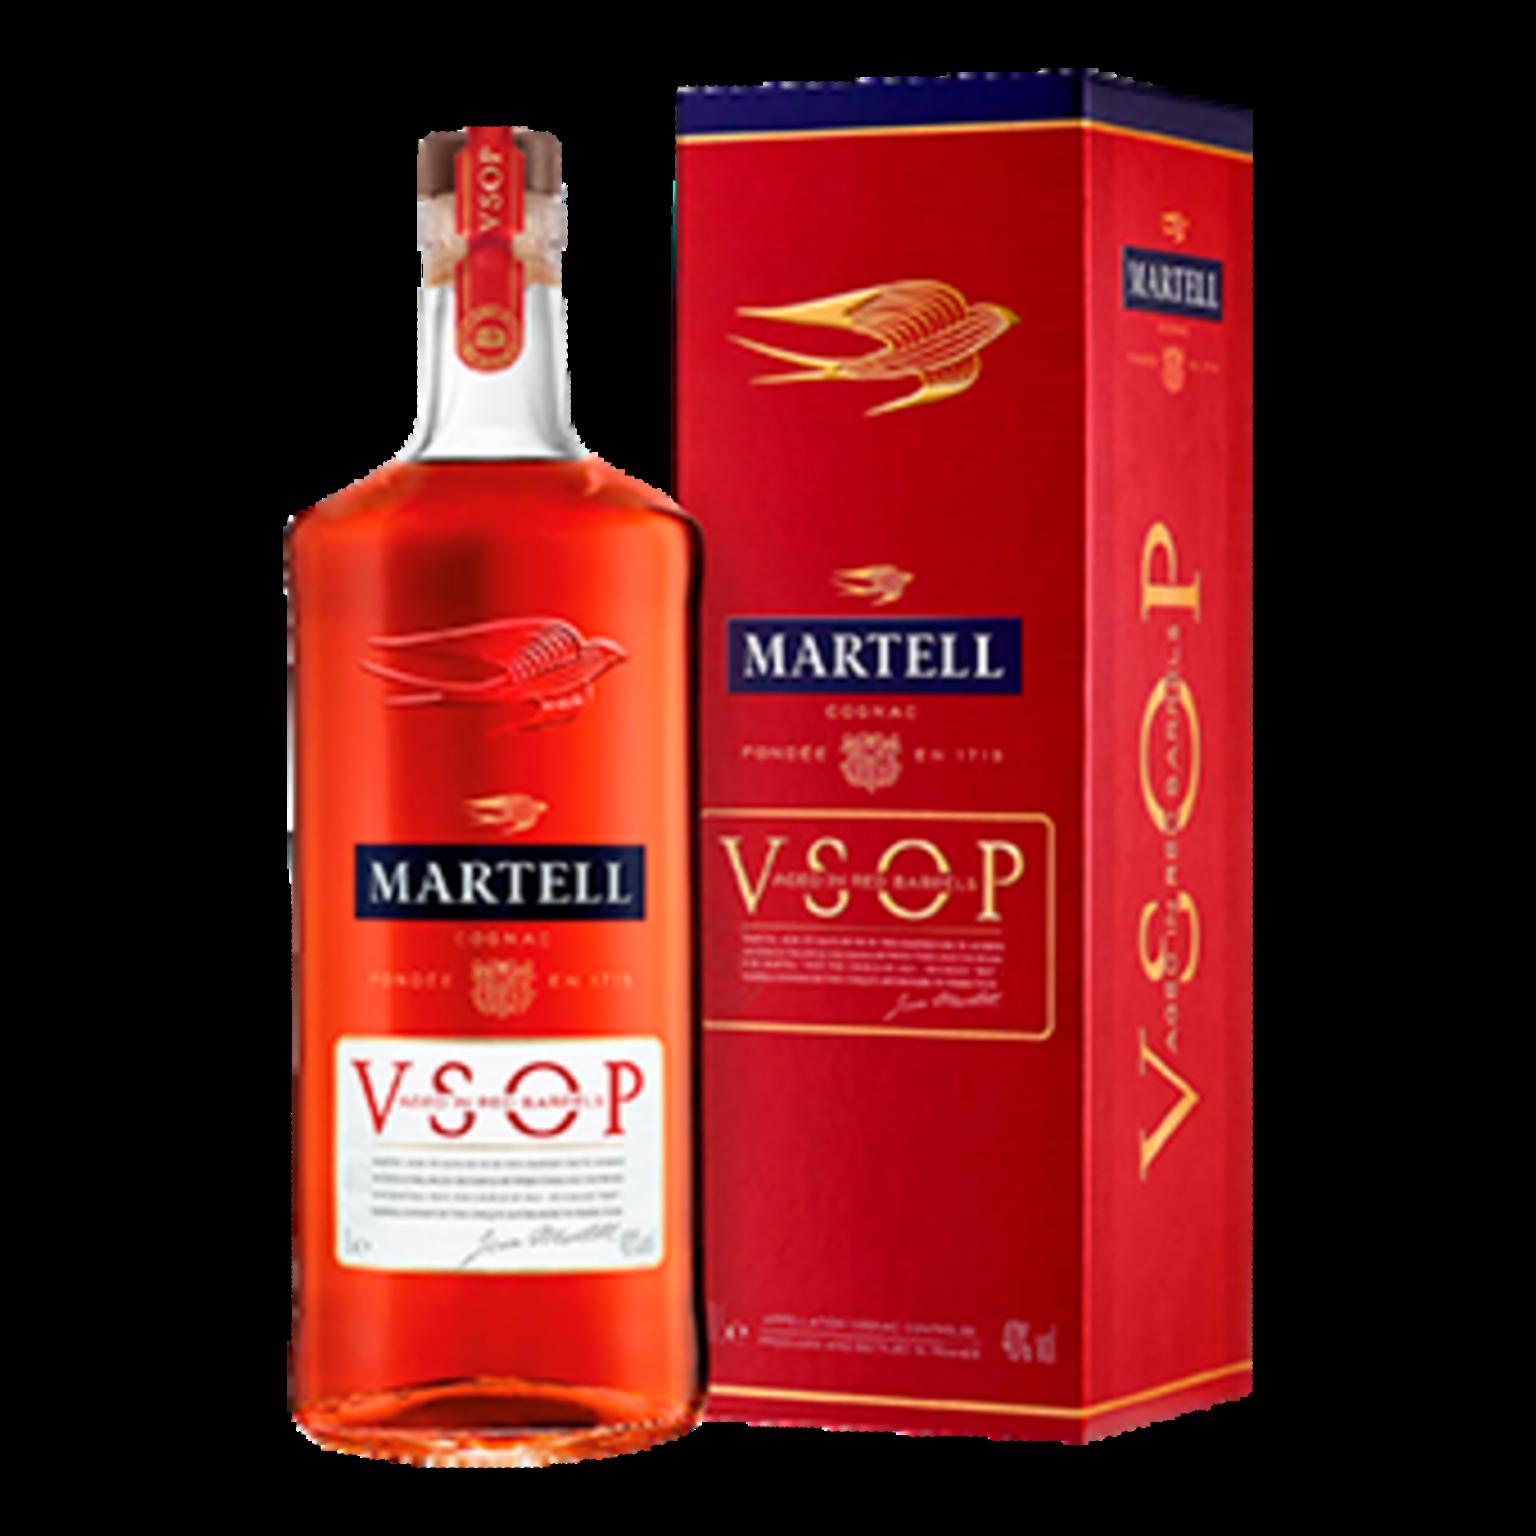 Martell Medaillon VSOP, Cognac, 1 litre.